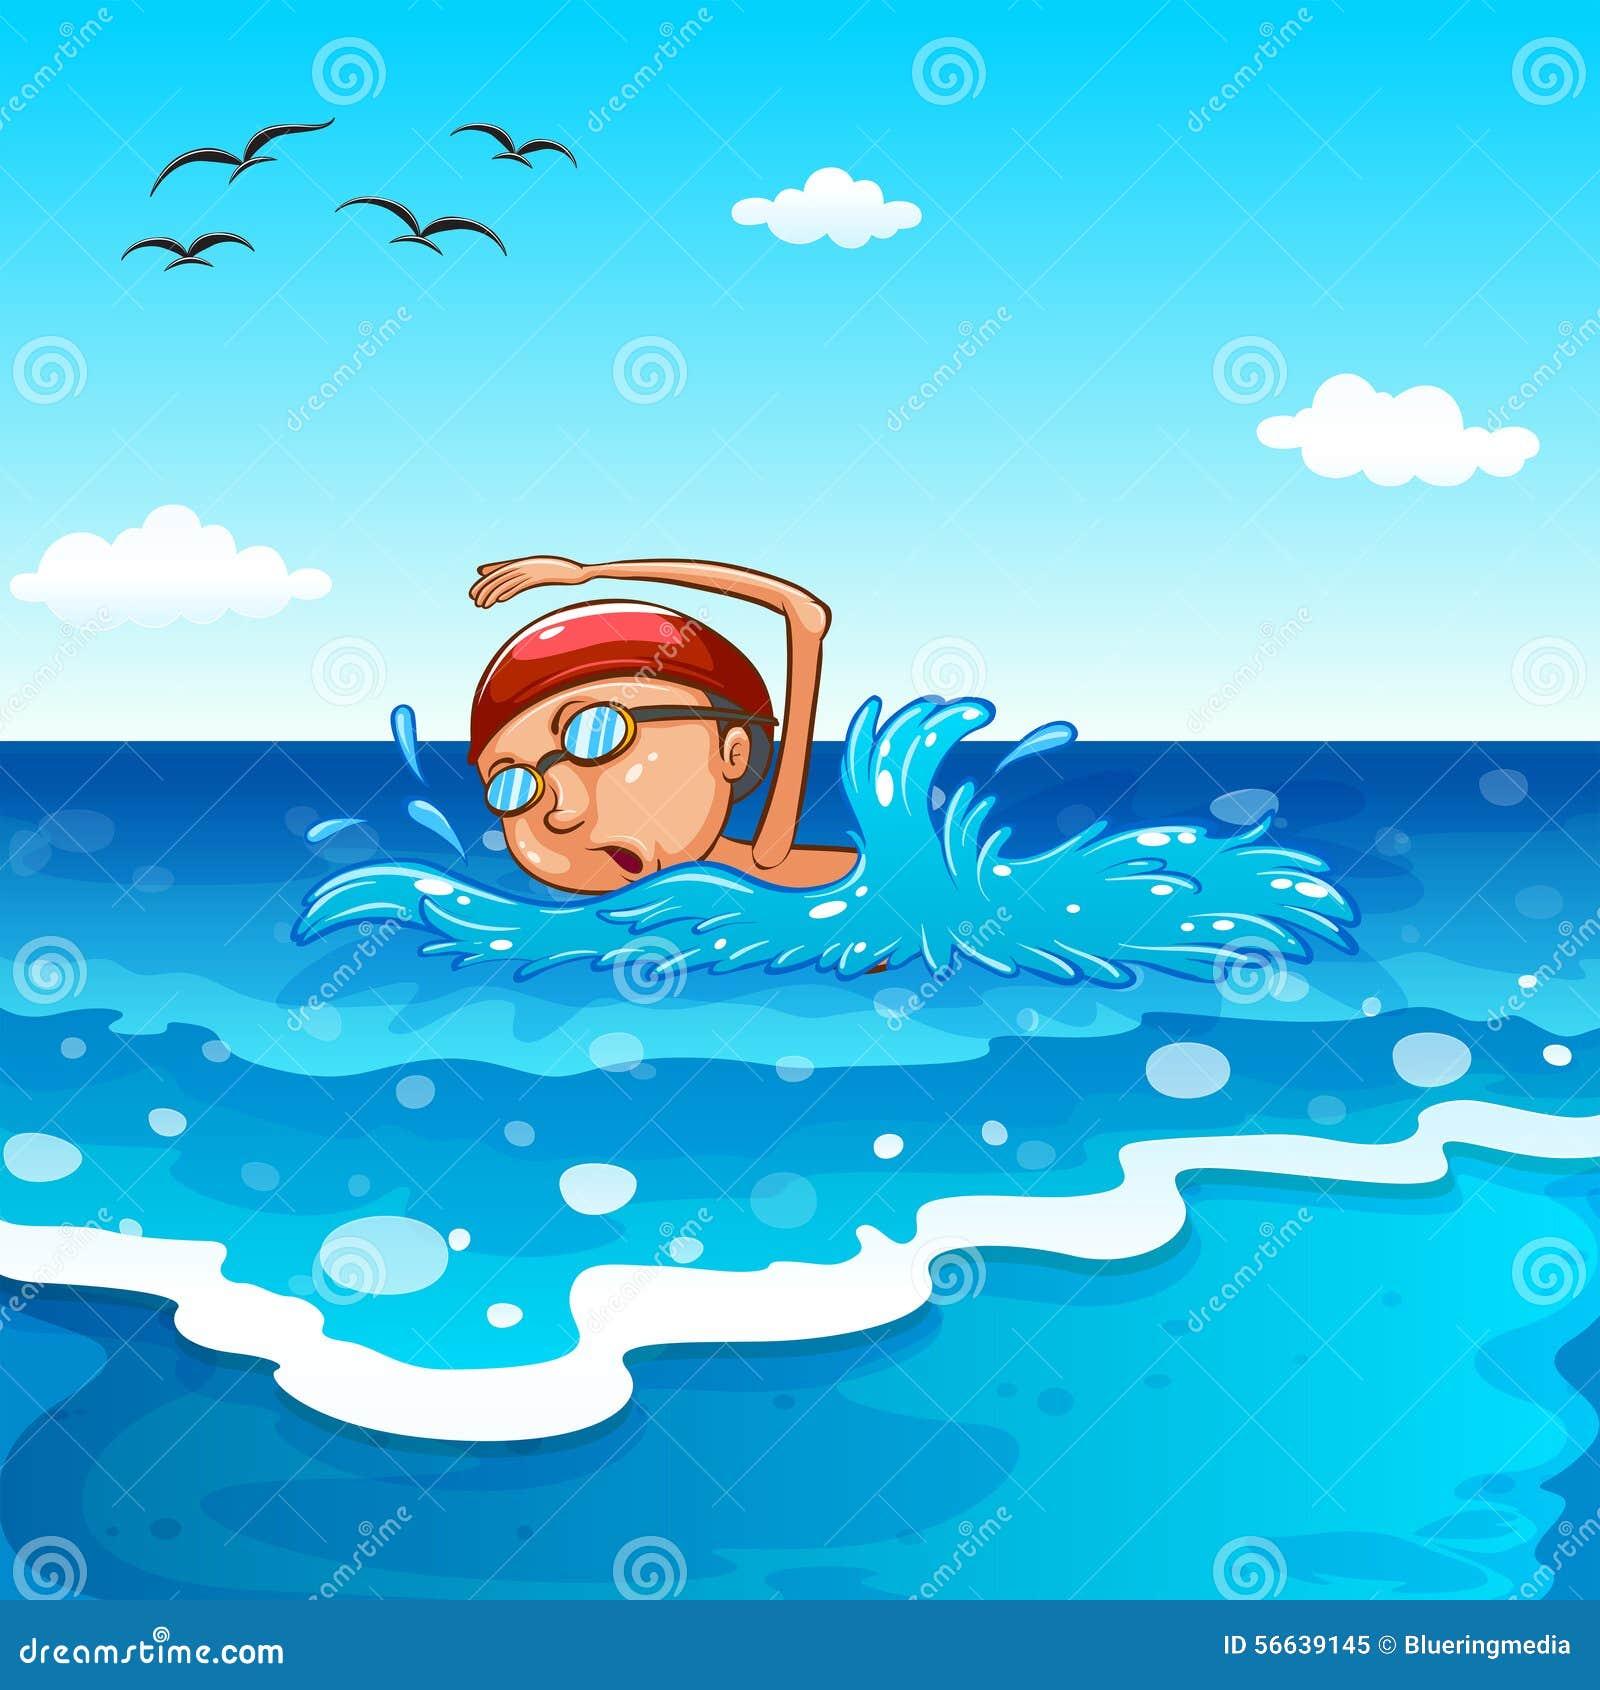 自由游卡通_动漫游泳的图片_排行榜大全